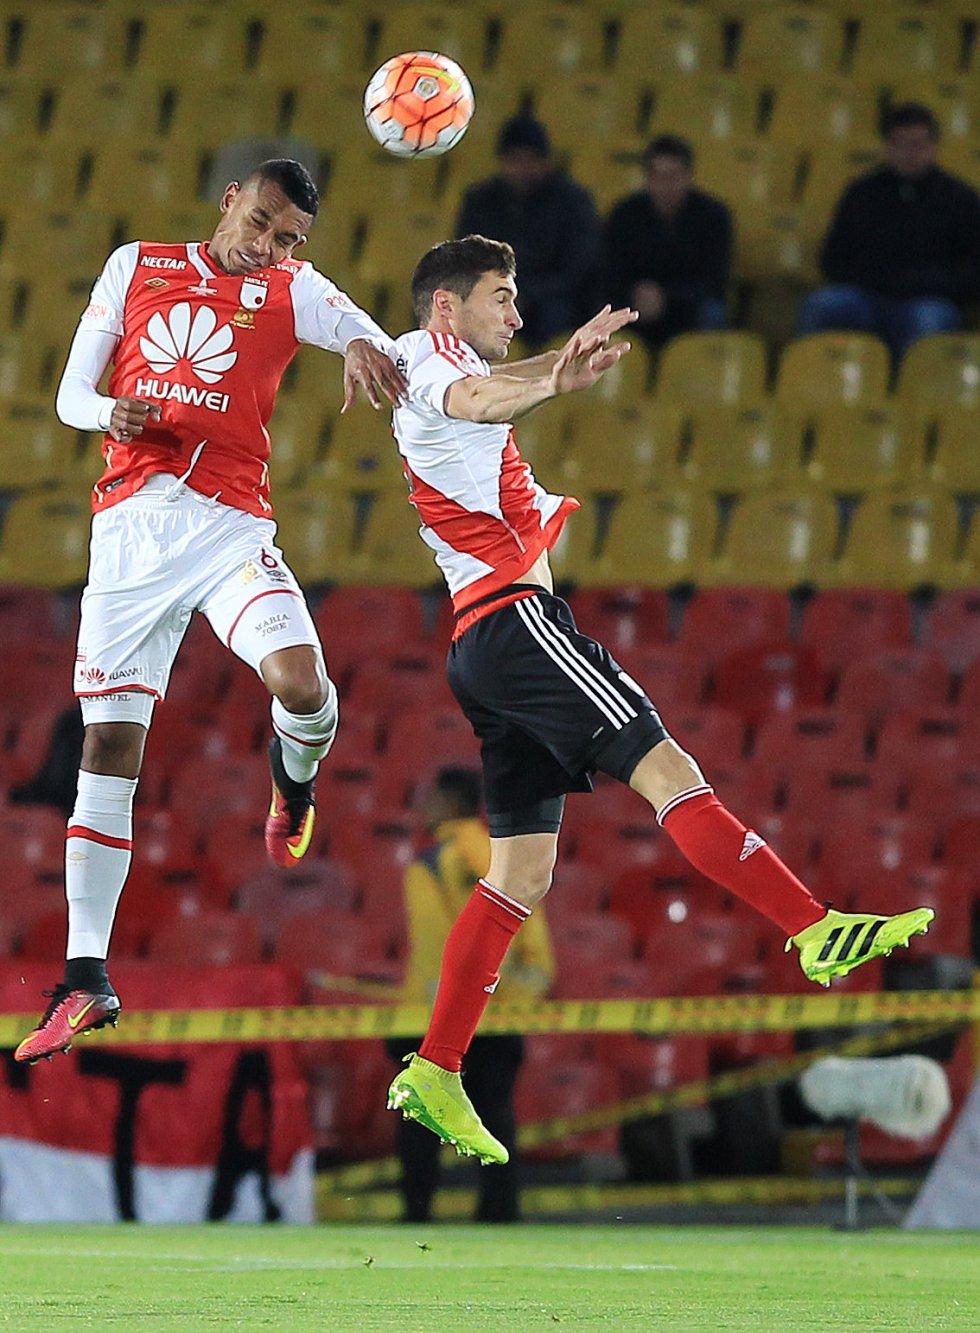 Tesillo y Alario en un duelo aéreo ganado por el jugador de Santa Fe.